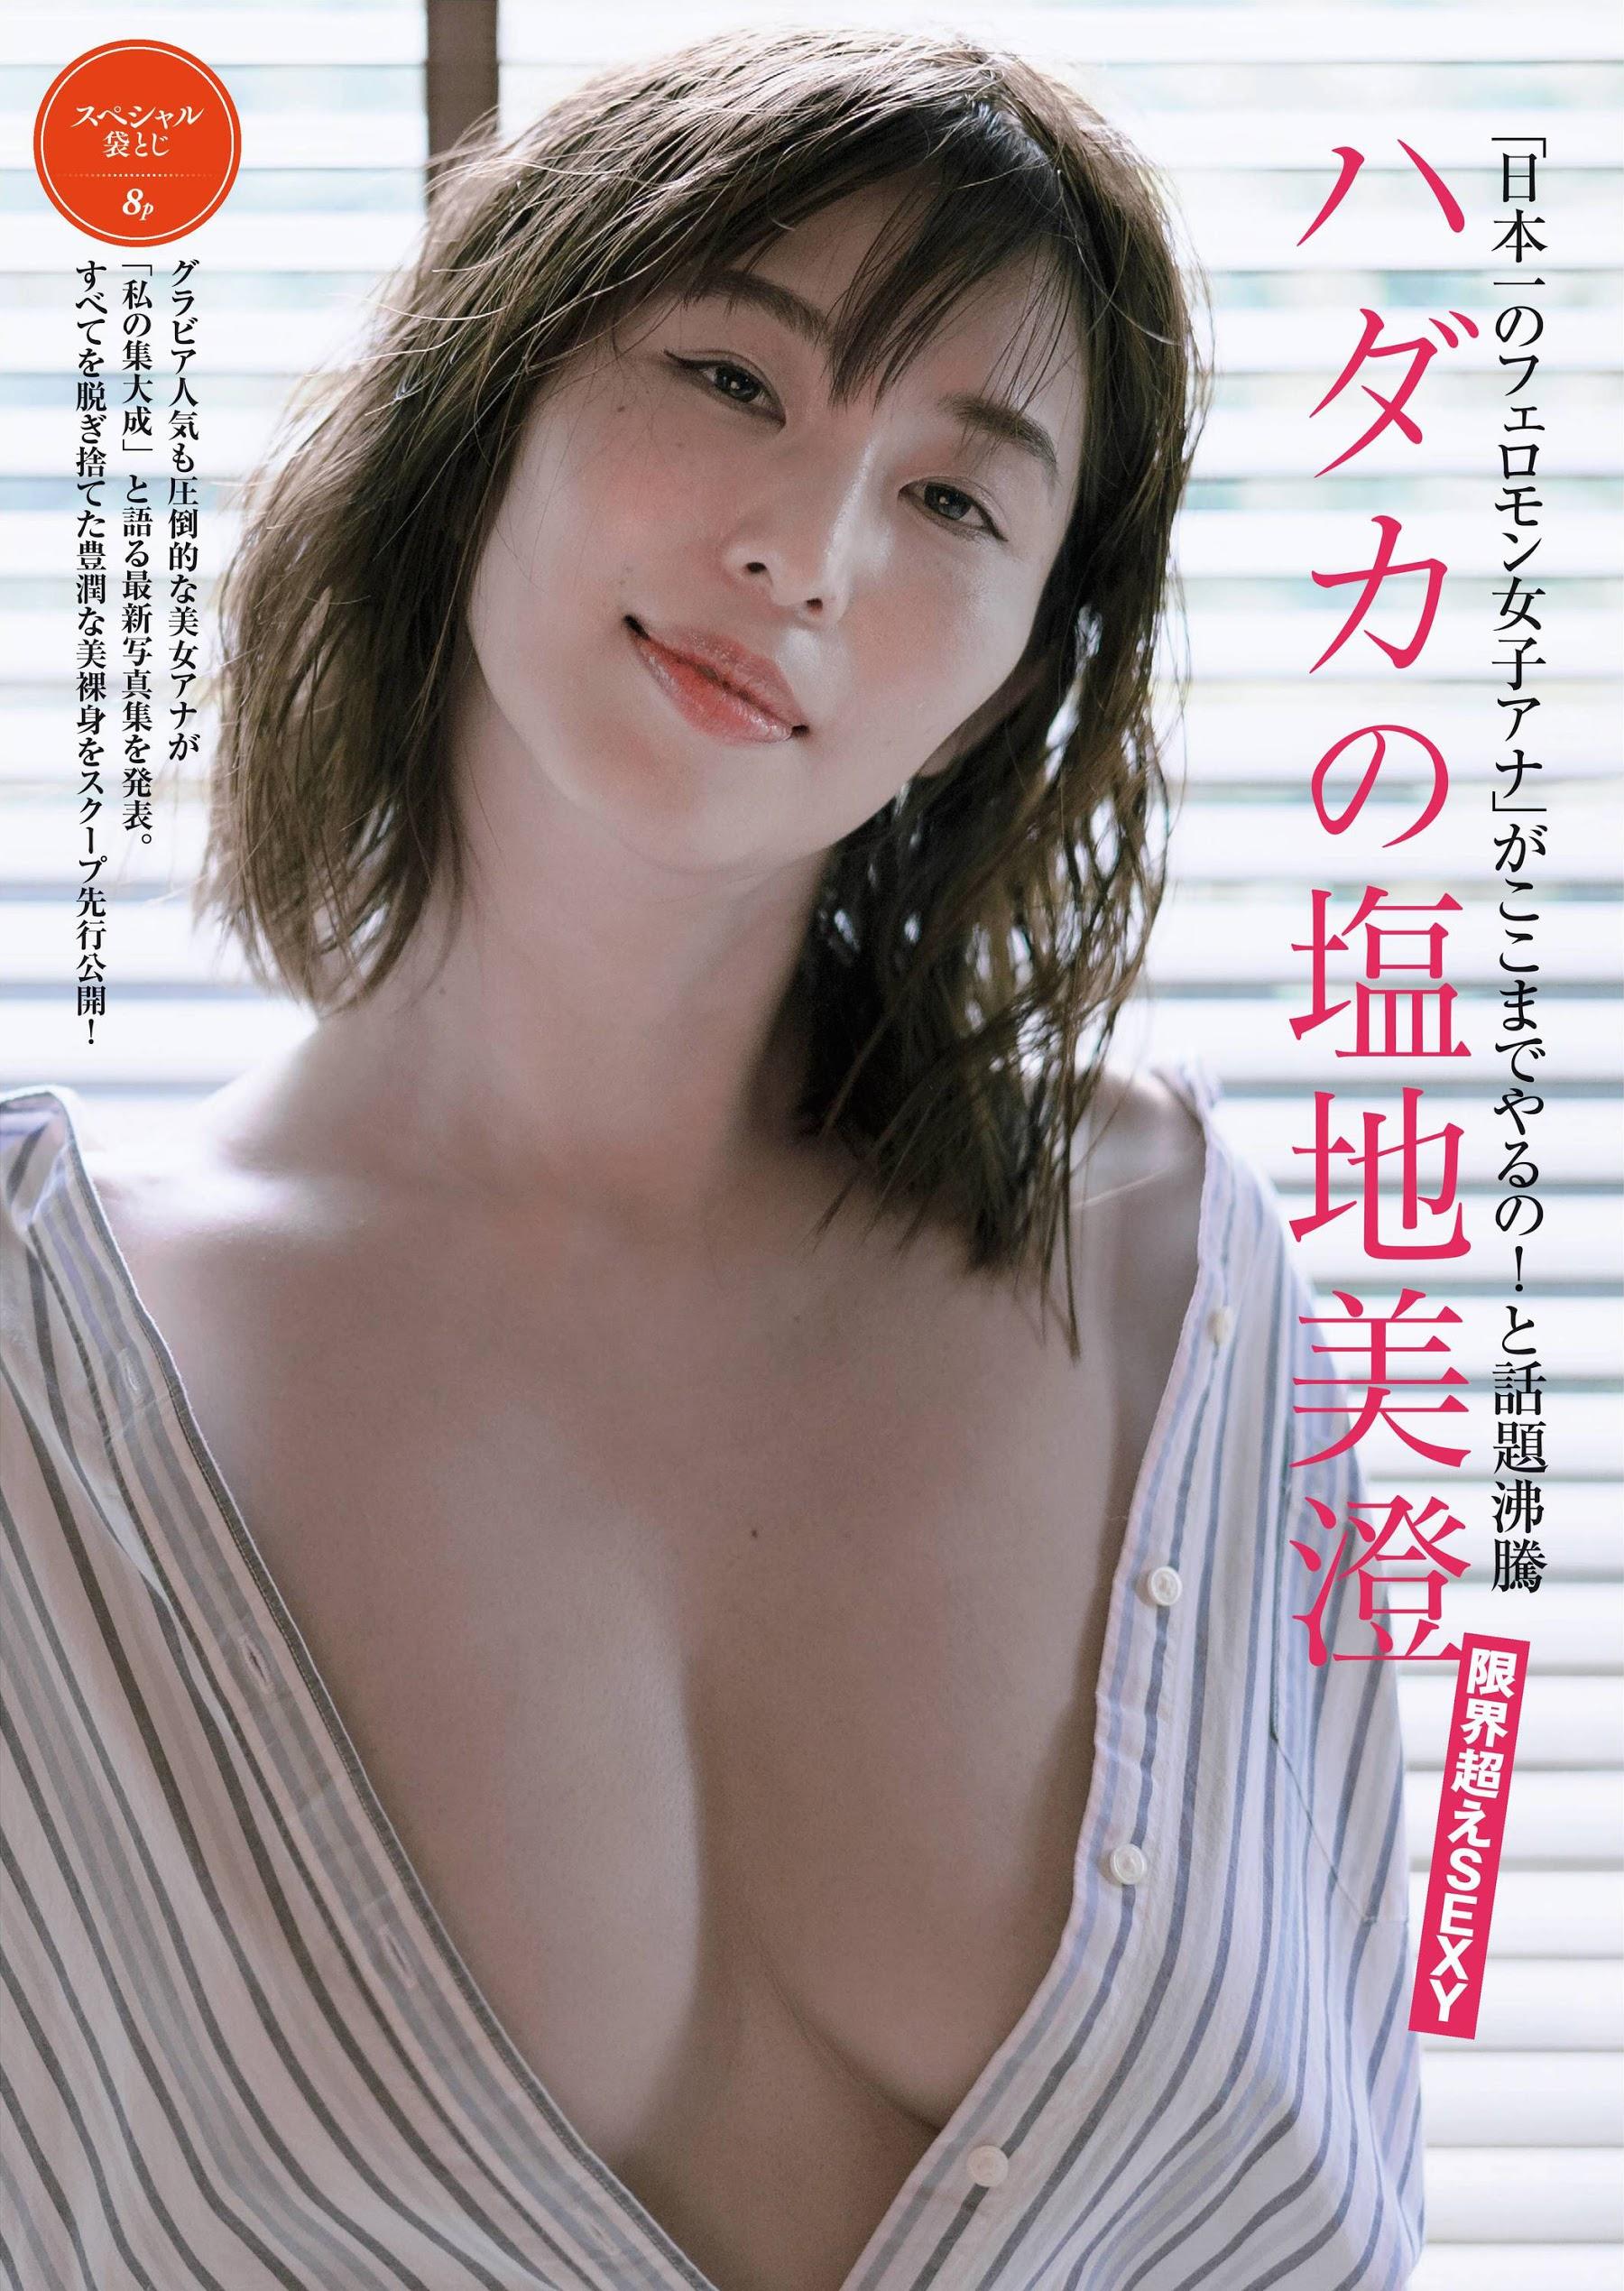 Japans best pheromone female announcer001